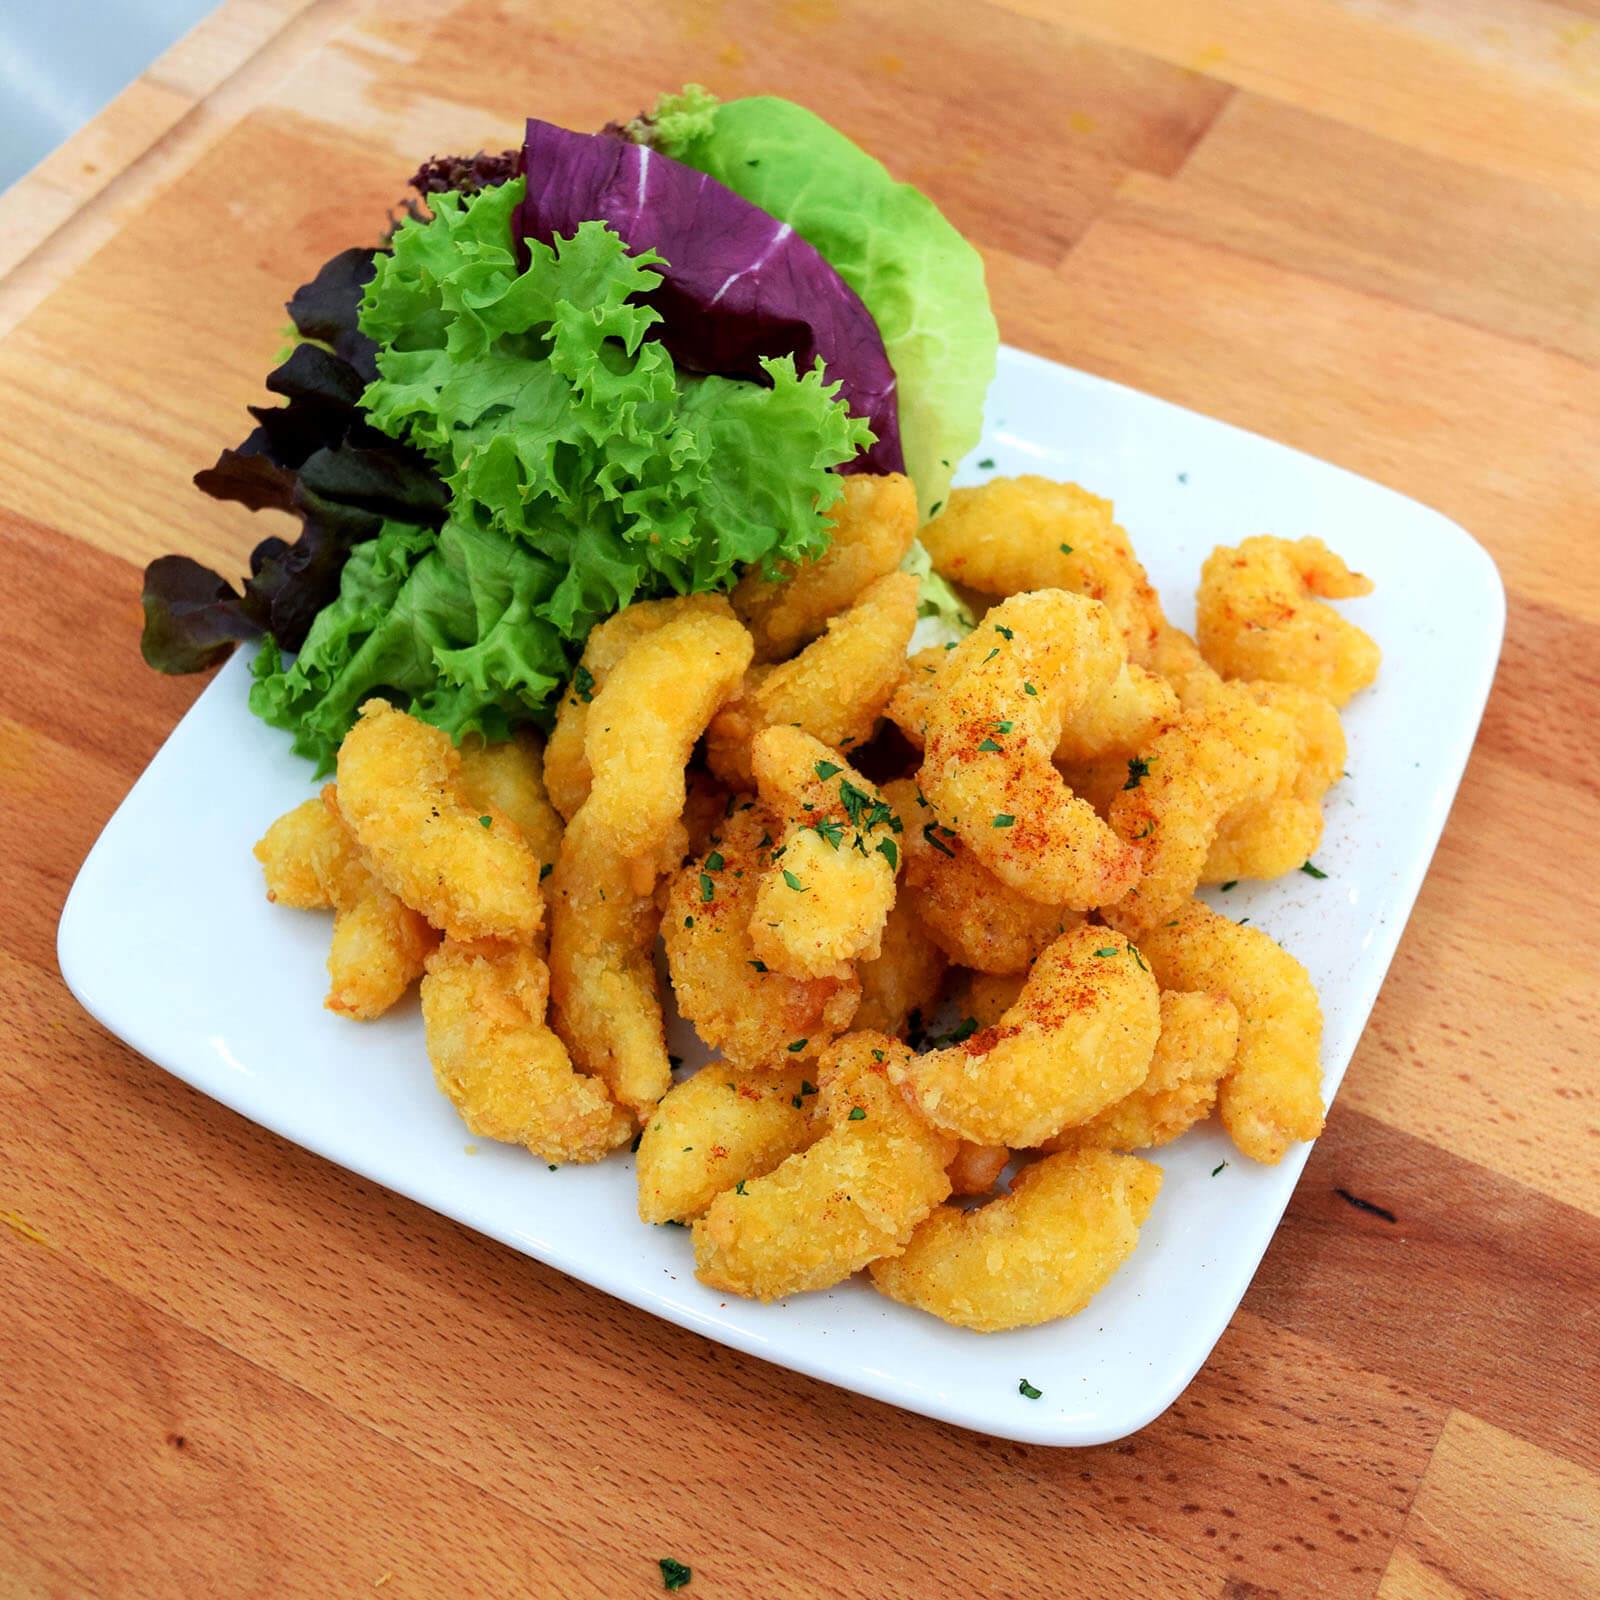 Processed Seafood image